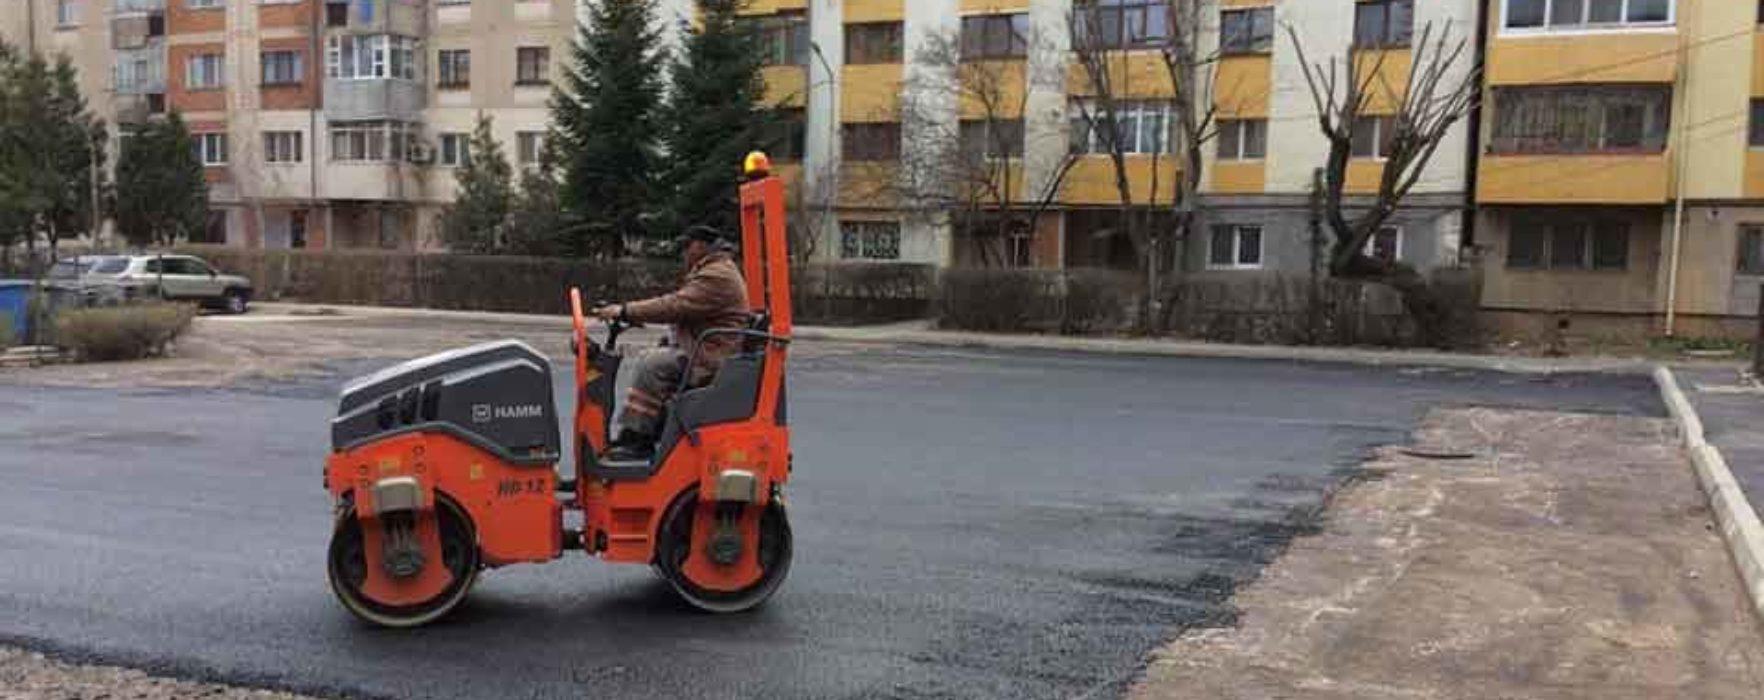 Târgovişte: Garaje demolate şi parcare construită în zona blocurilor C6-C10 din micro 3